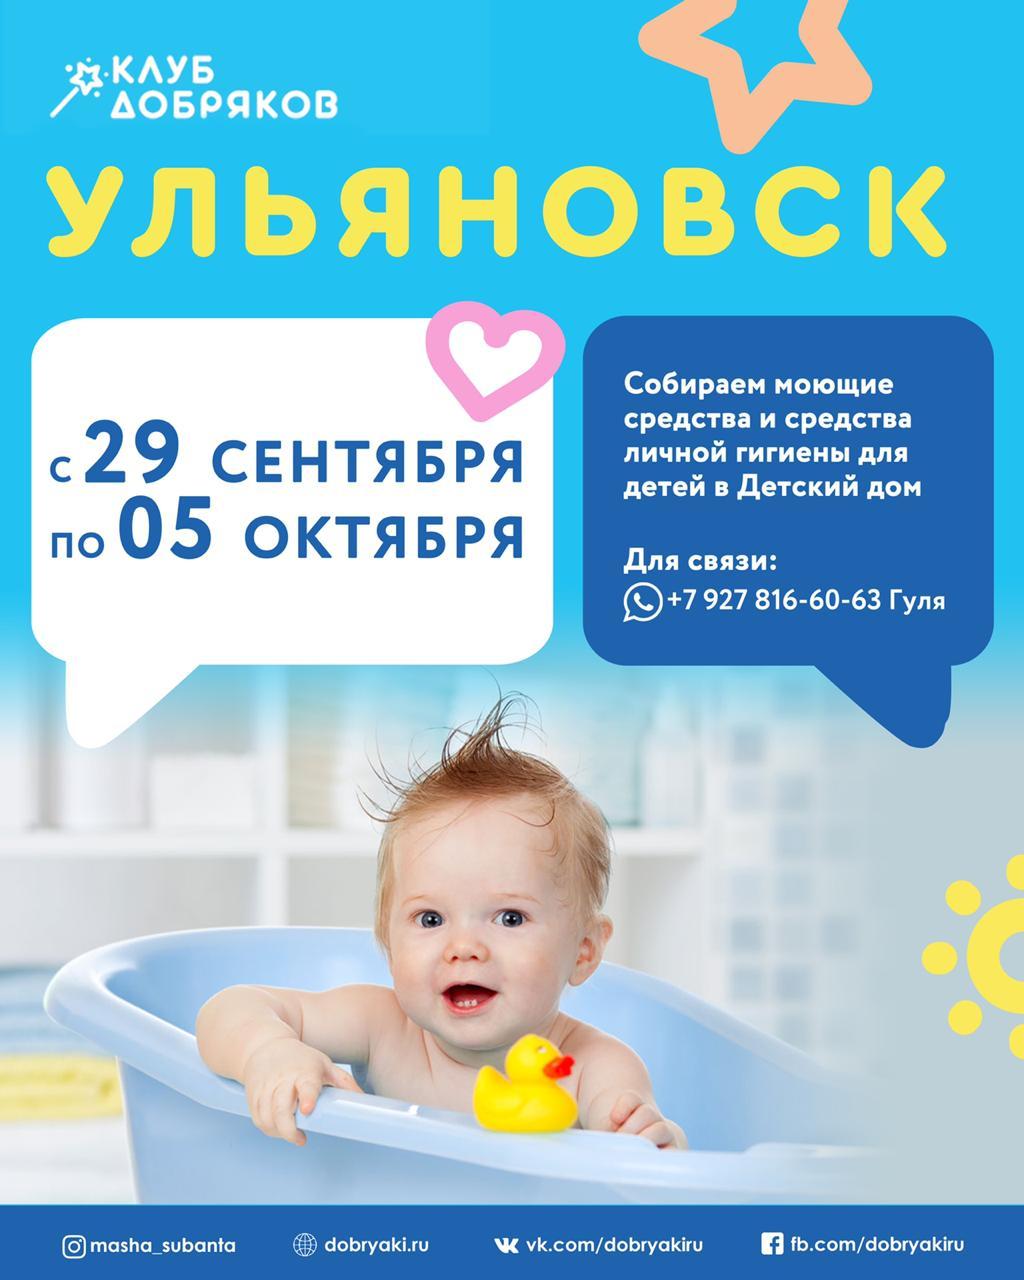 Добряки Ульяновска собирают средства гигиены в детские дома